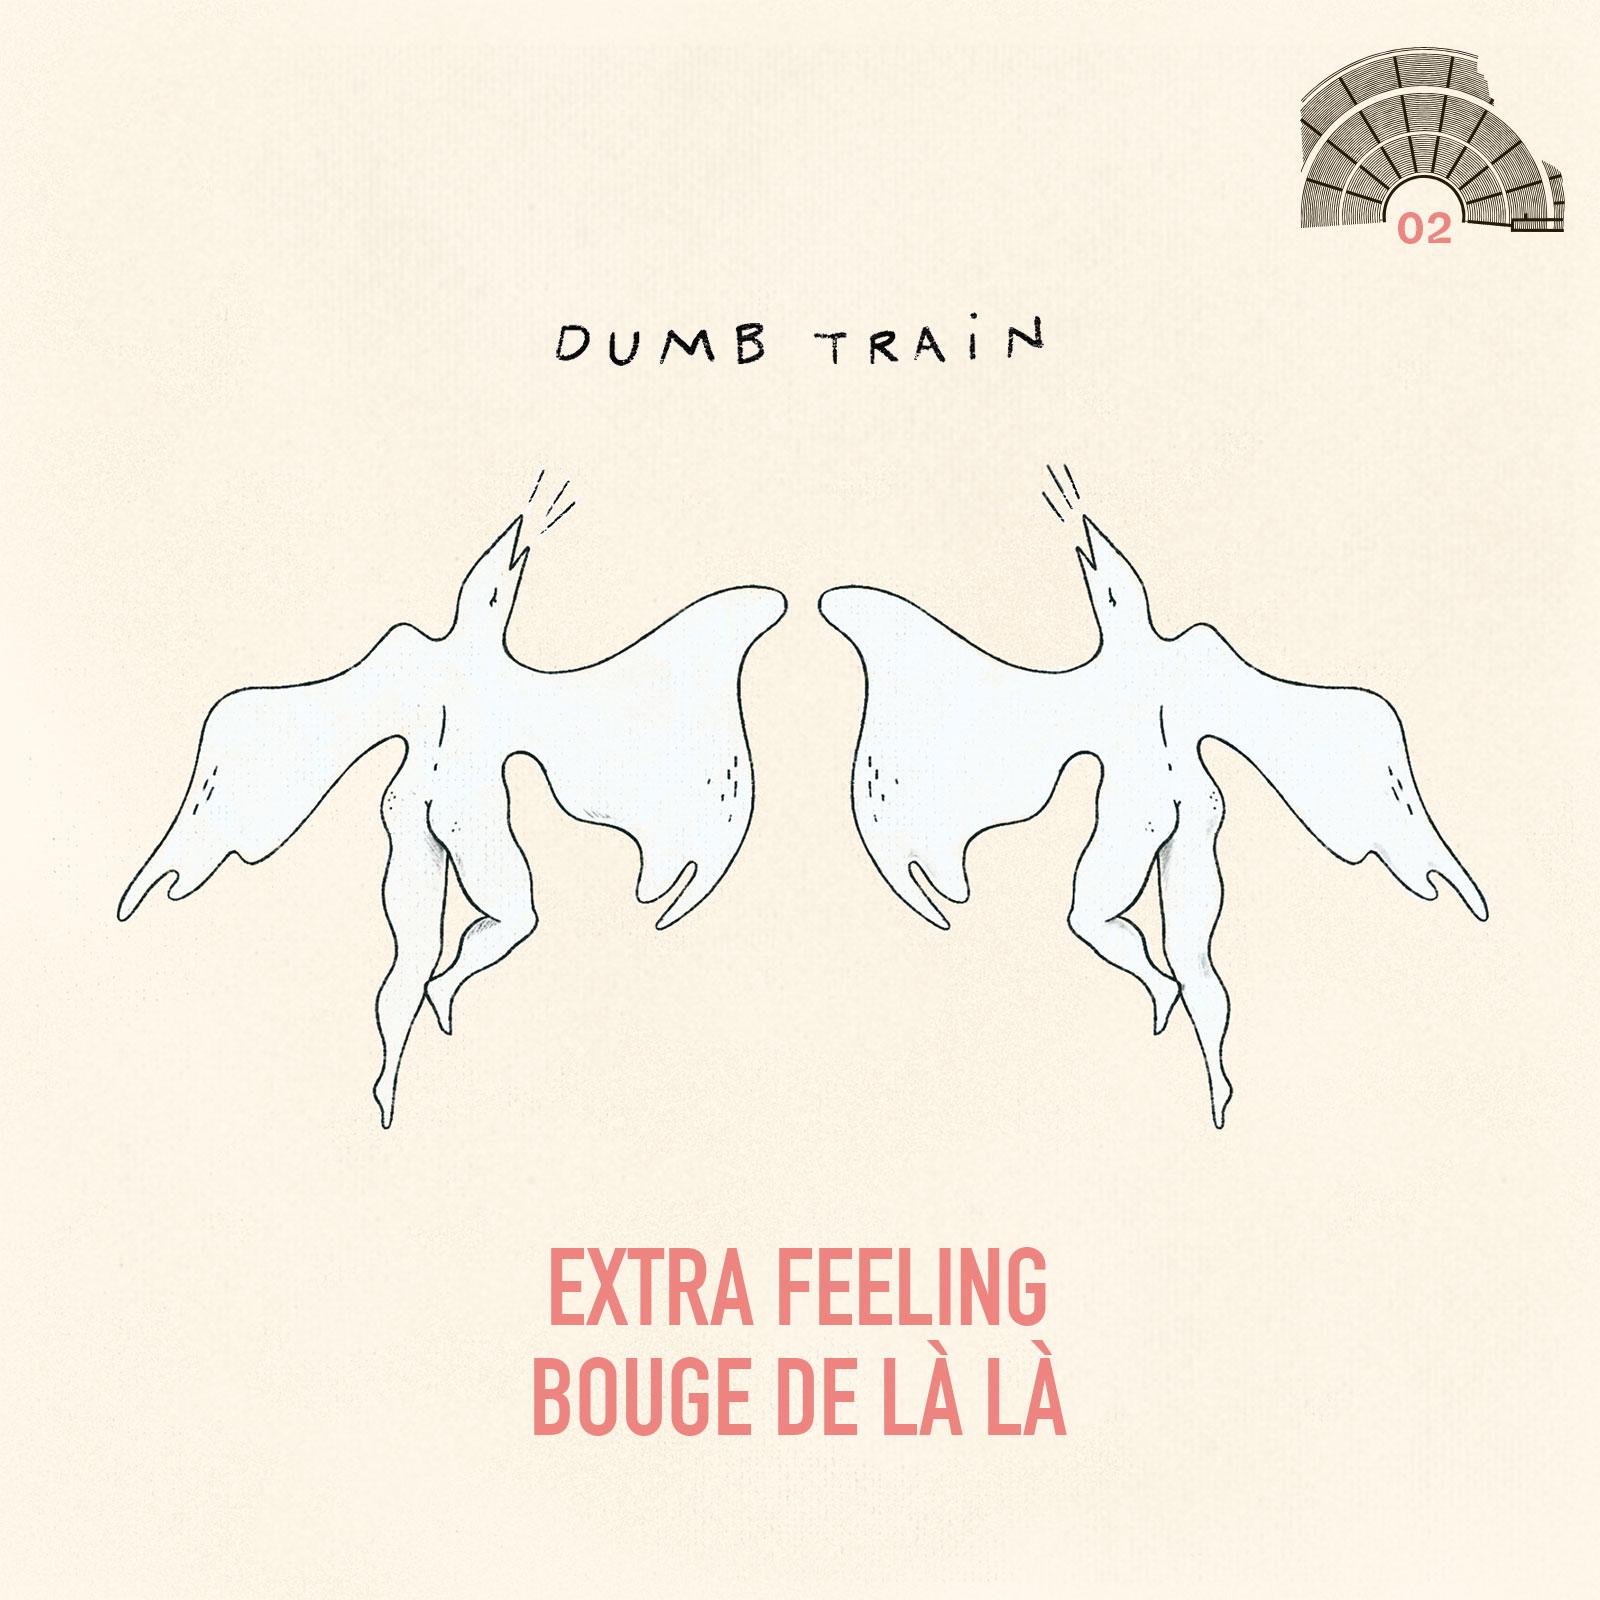 Dumb Train